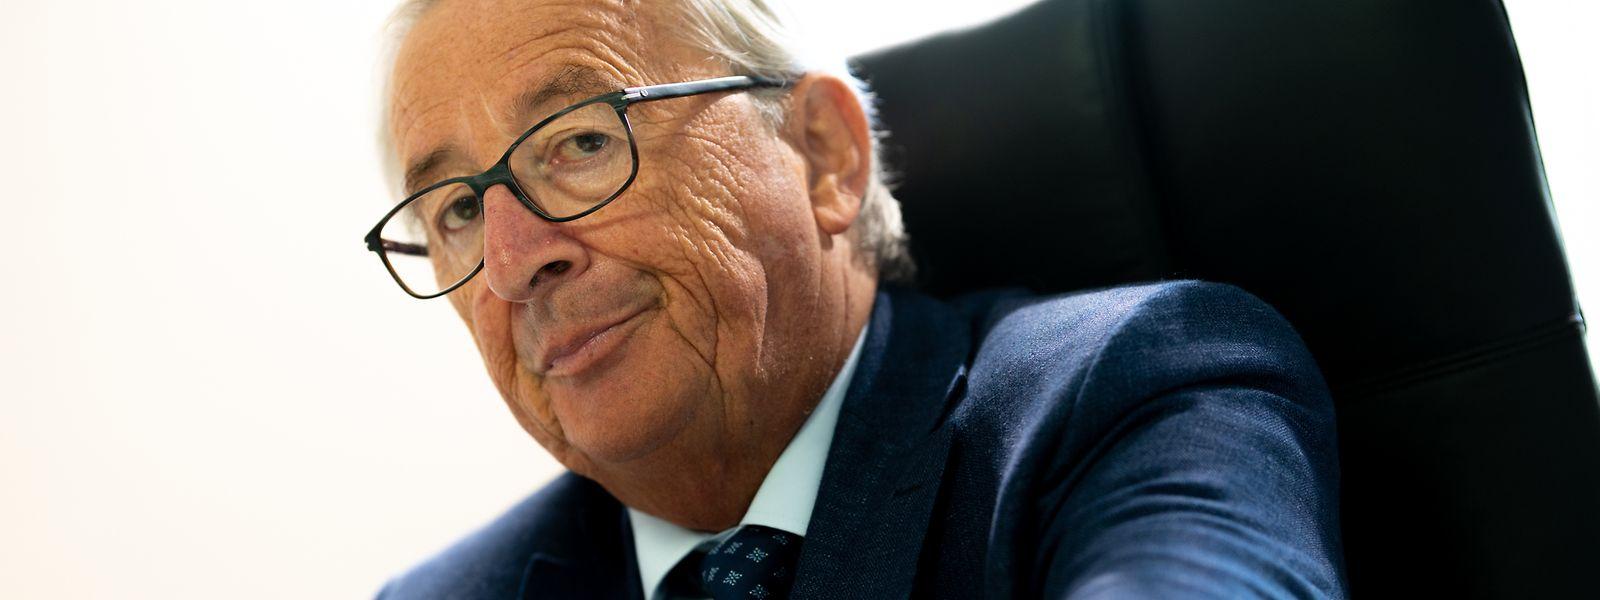 20 Jahre nach den Anschlägen kann Jean-Claude Juncker noch immer nicht fassen, wie schlecht vorbereitet die USA in die Kriege in Afghanistan und Irak gezogen sind.